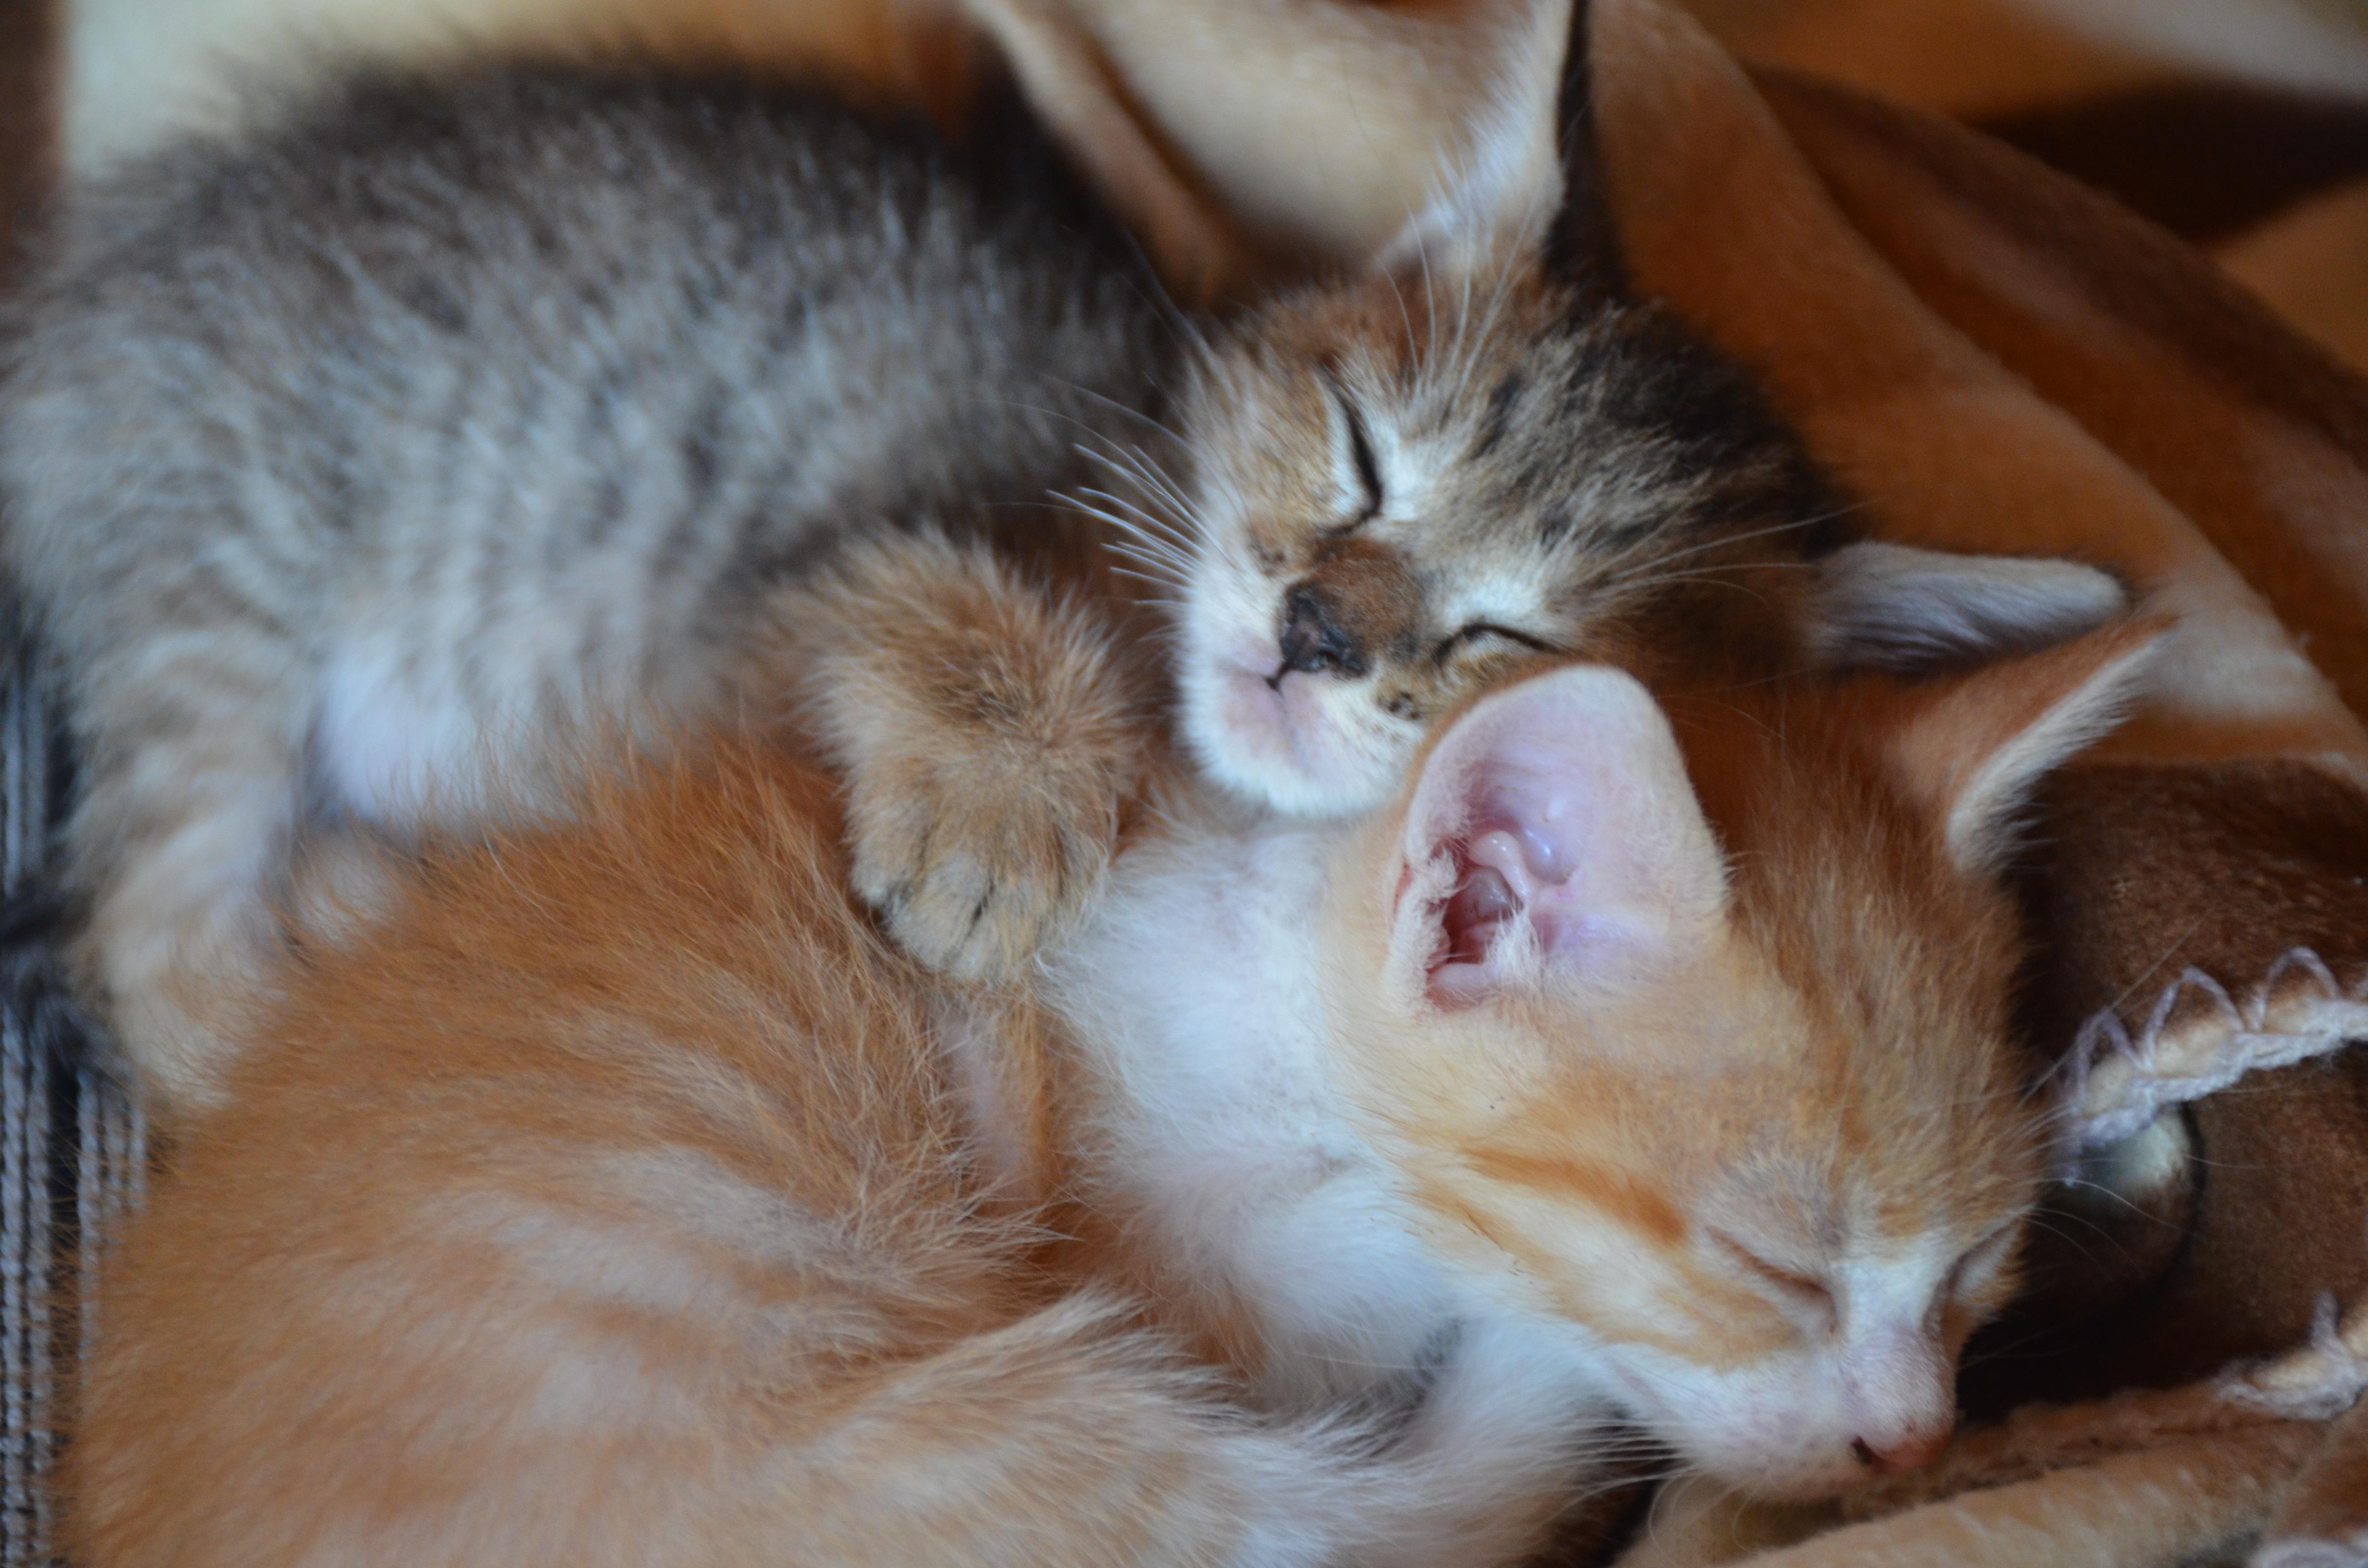 Francia otorga a gatos y perros derechos de ser vivo